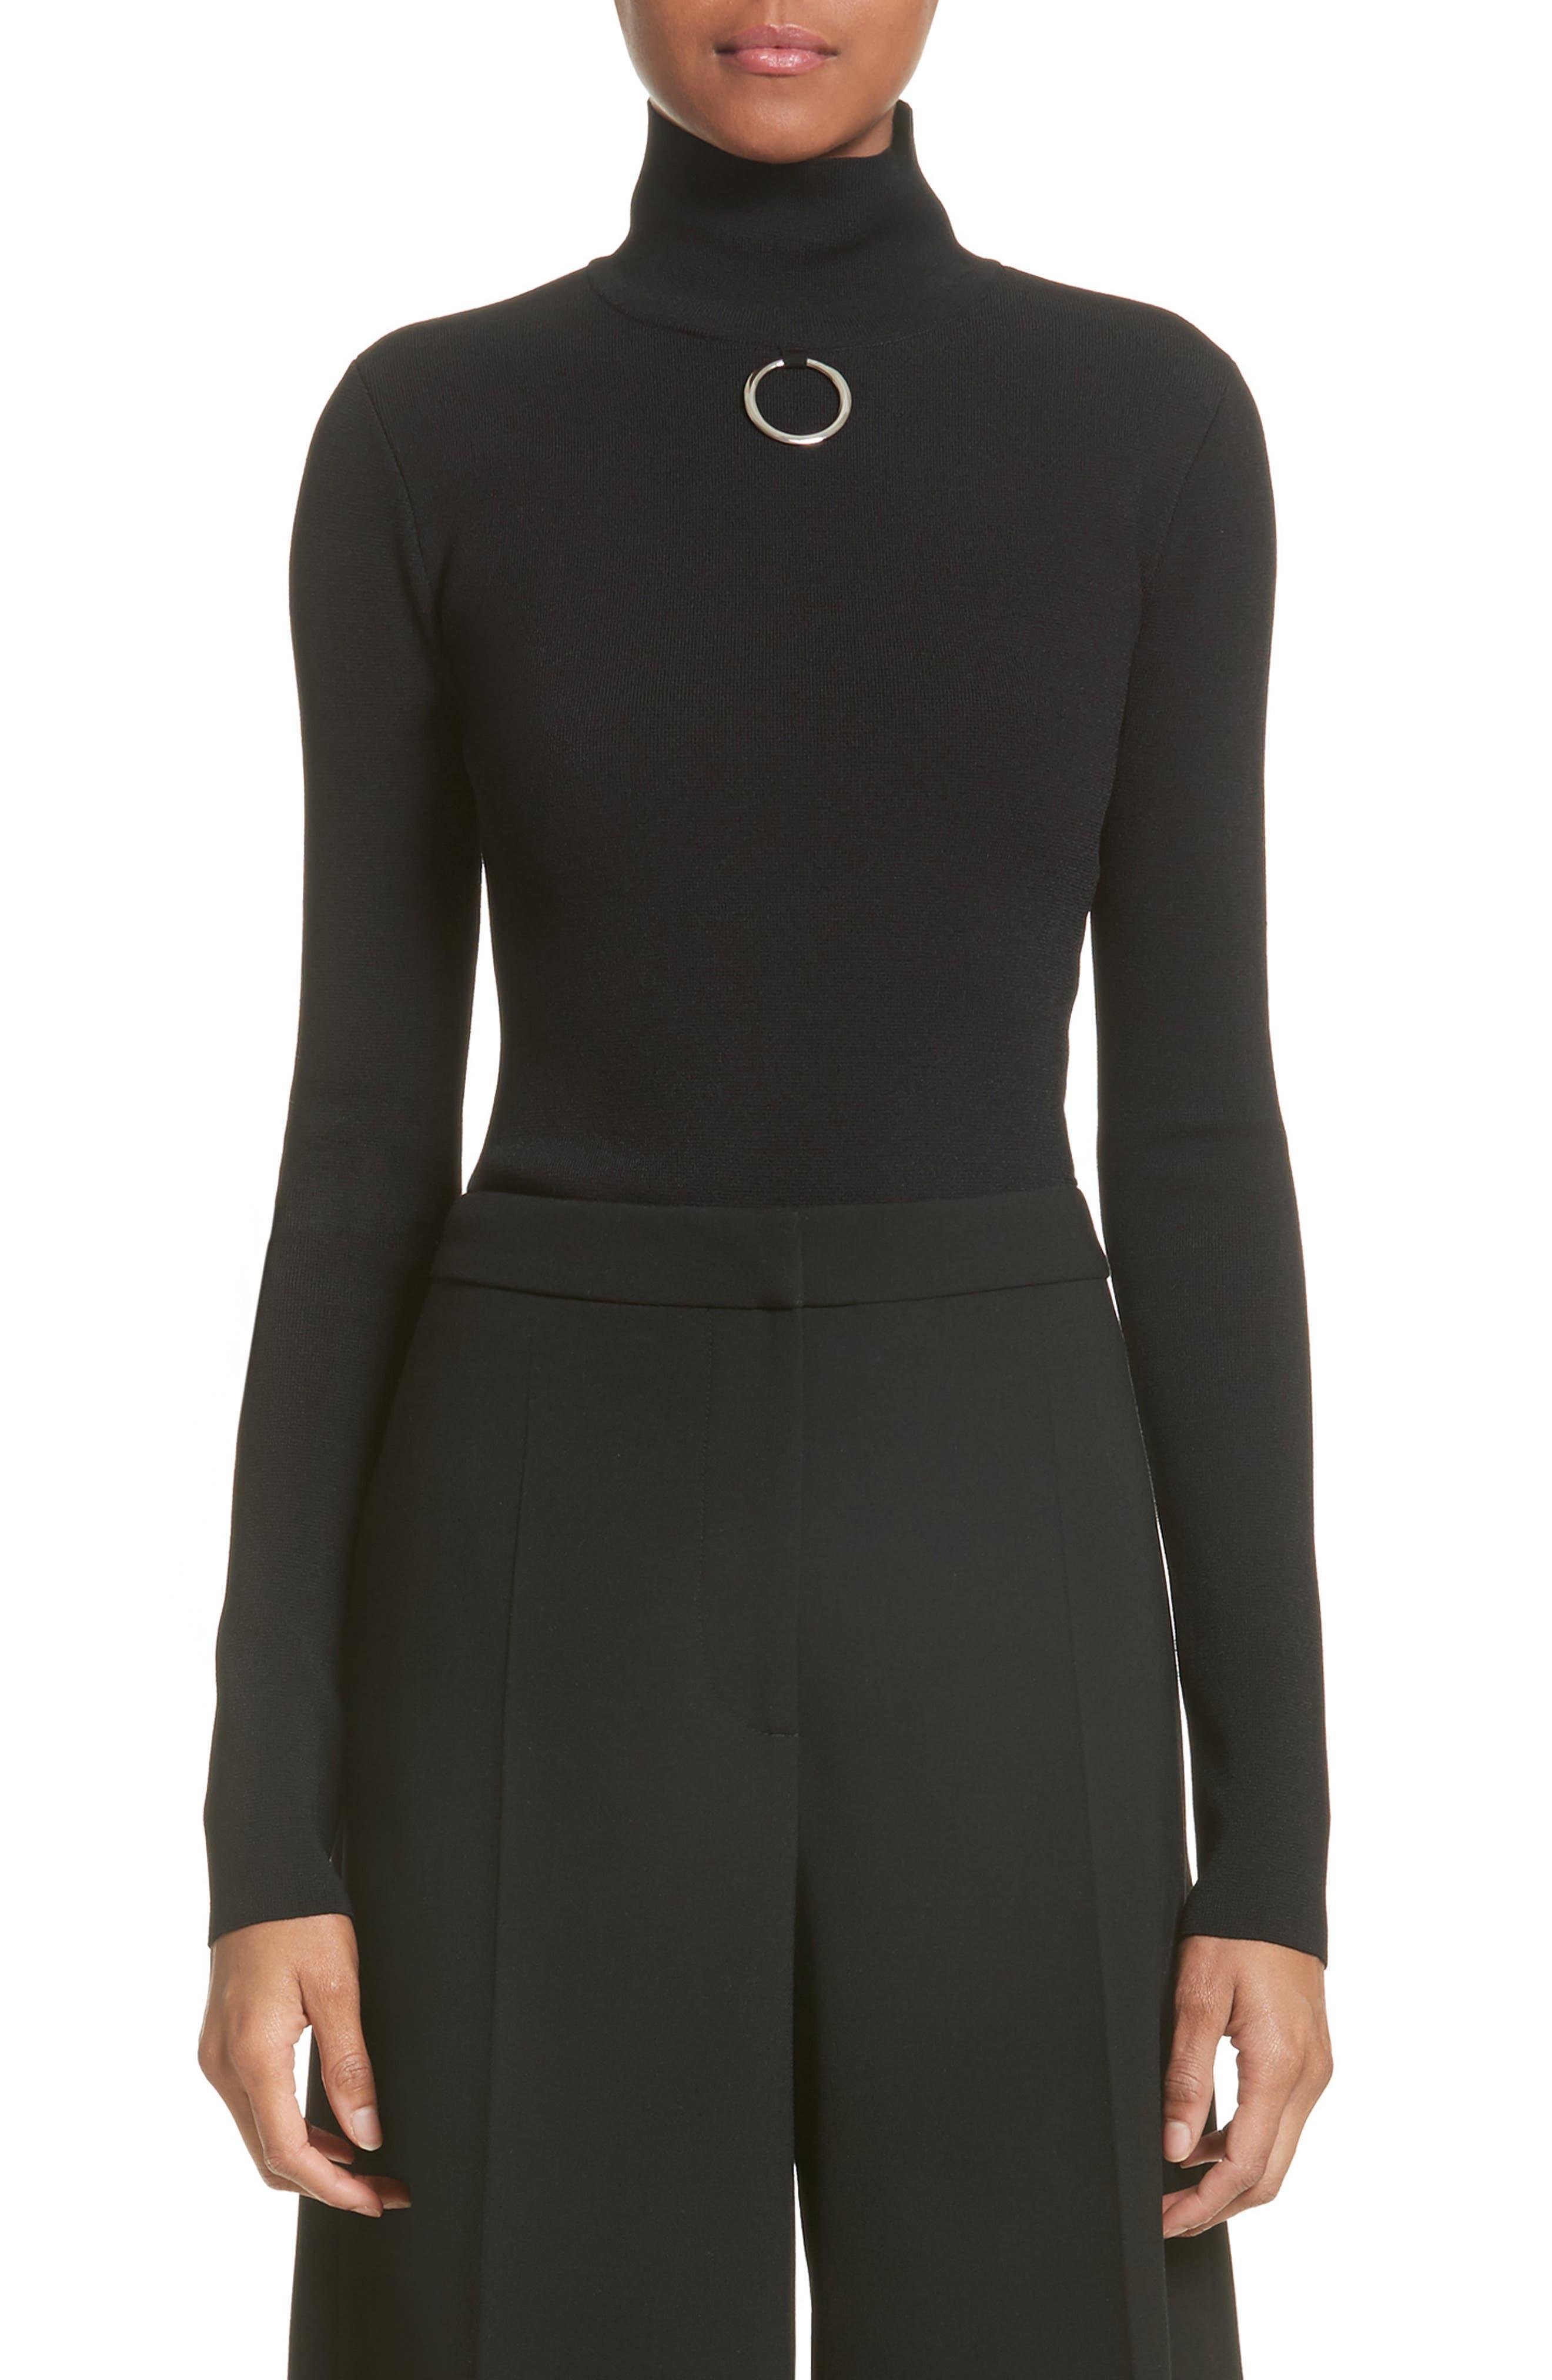 STELLA MCCARTNEY Ring Detail Turtleneck Sweater